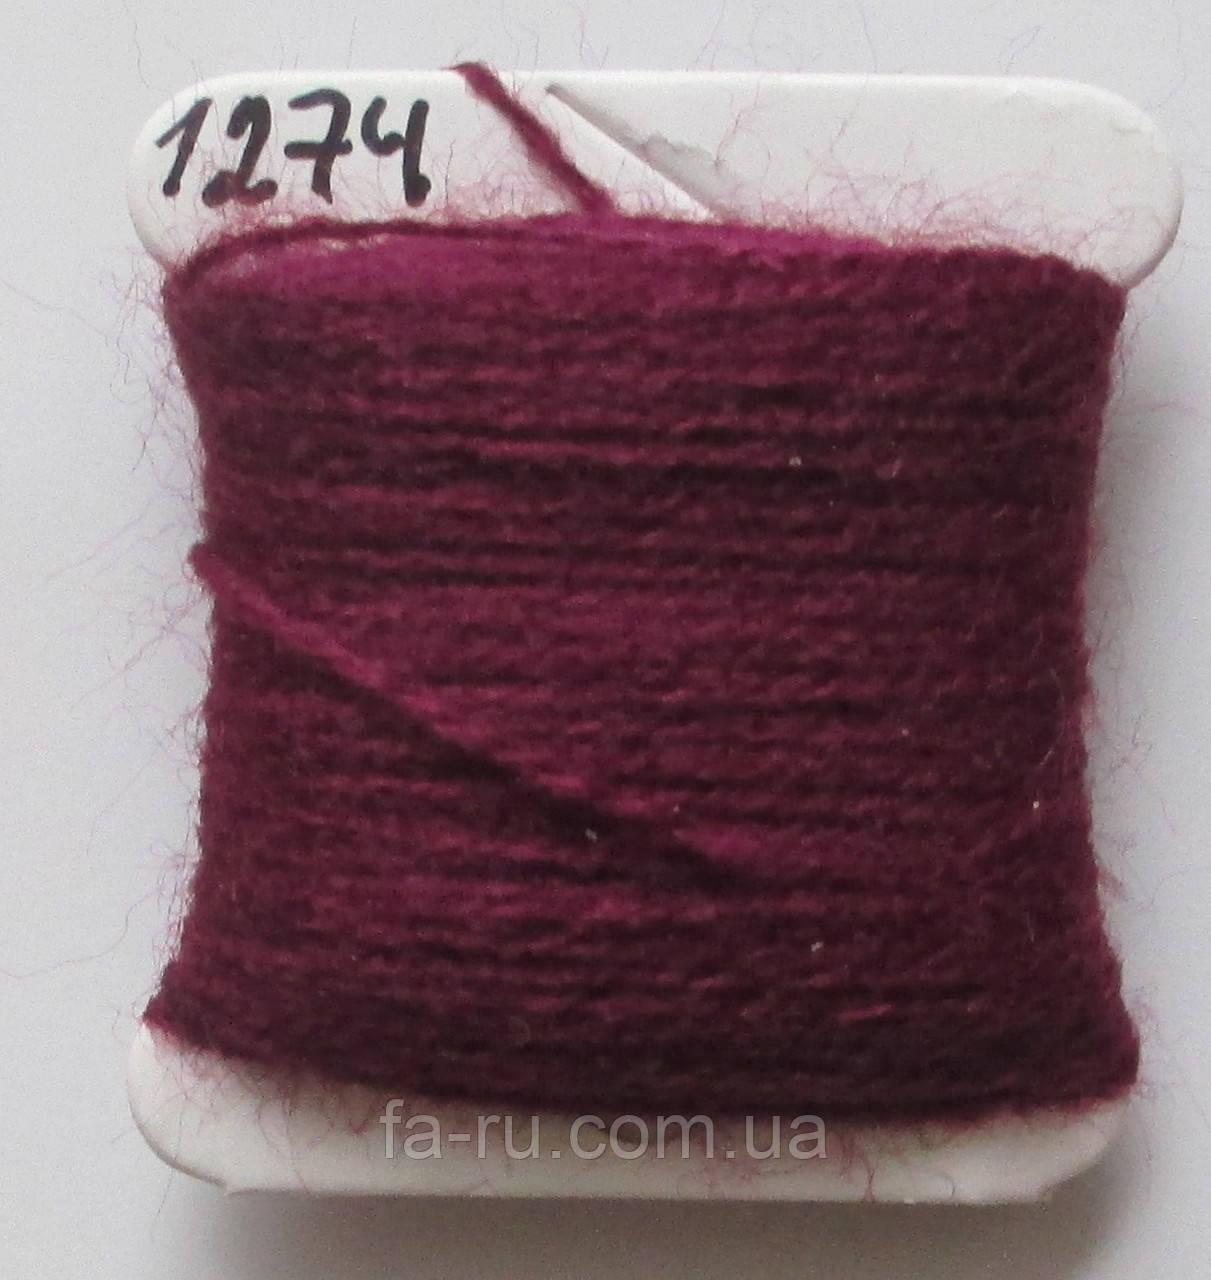 Акрил для вышивки: тёмный пурпурно-красный